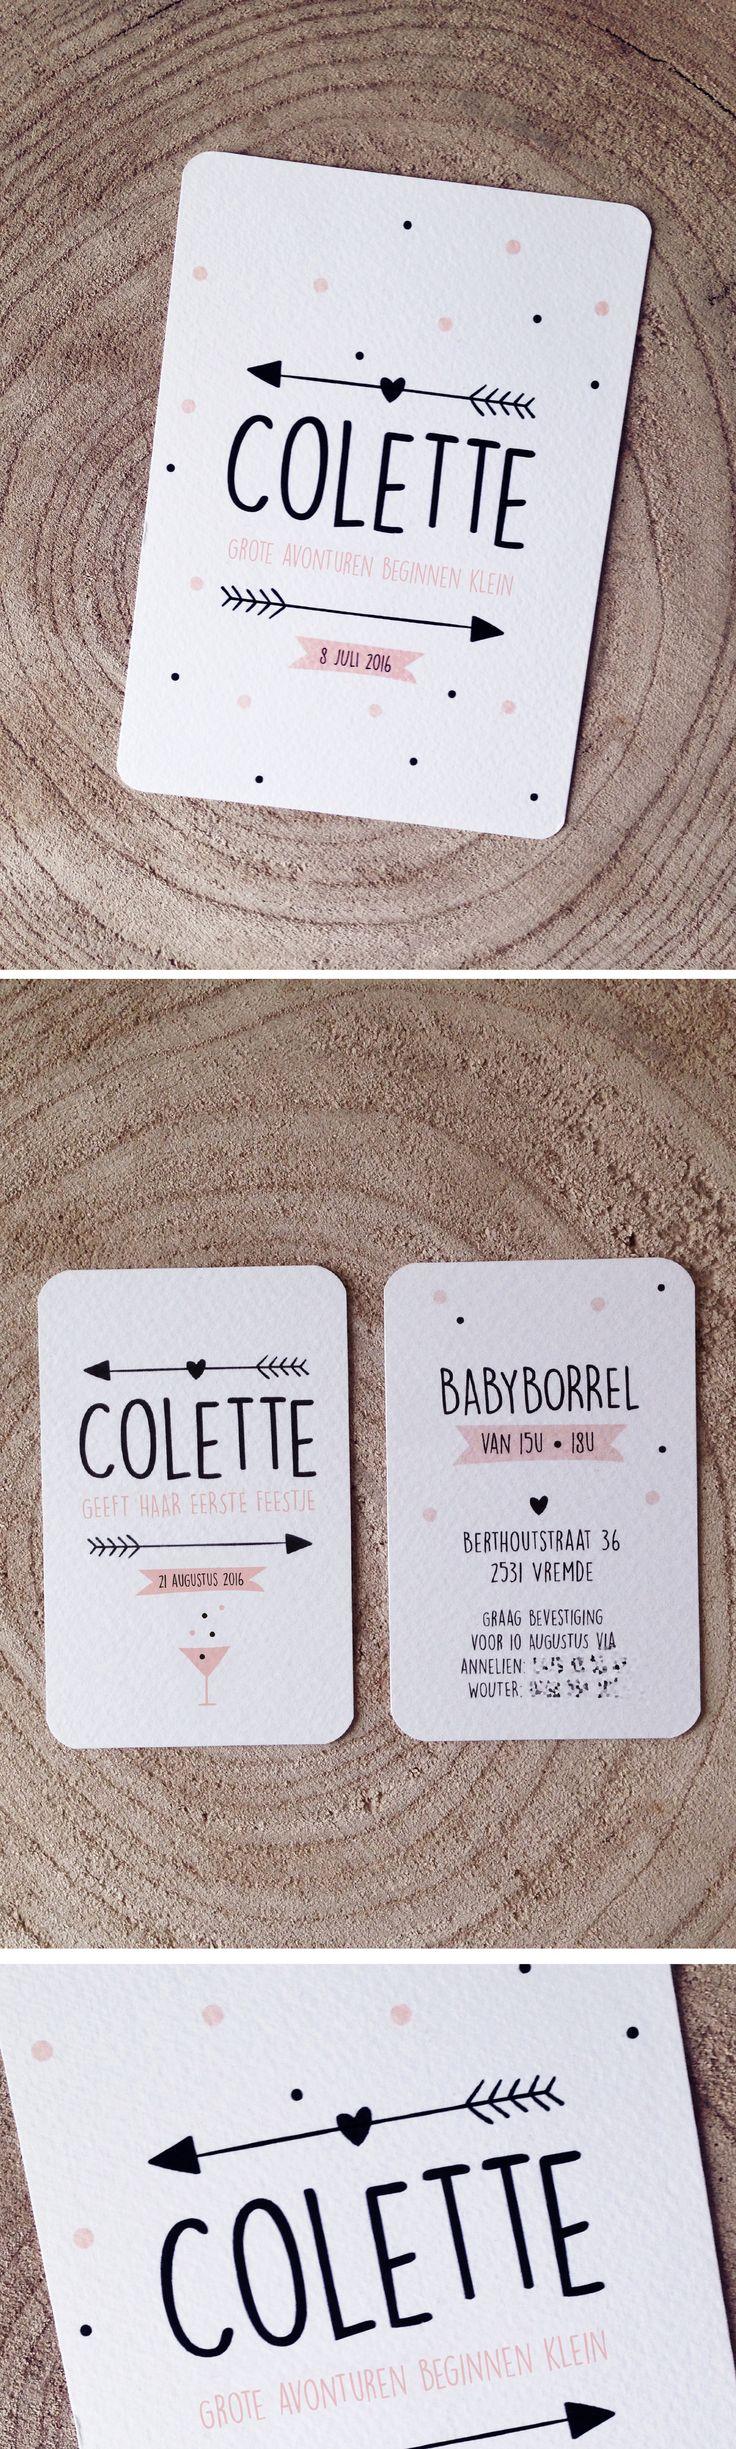 Geboortekaartje Colette // pijltjes // hartjes // meisje // roos // zwart // grote avonturen beginnen kleine